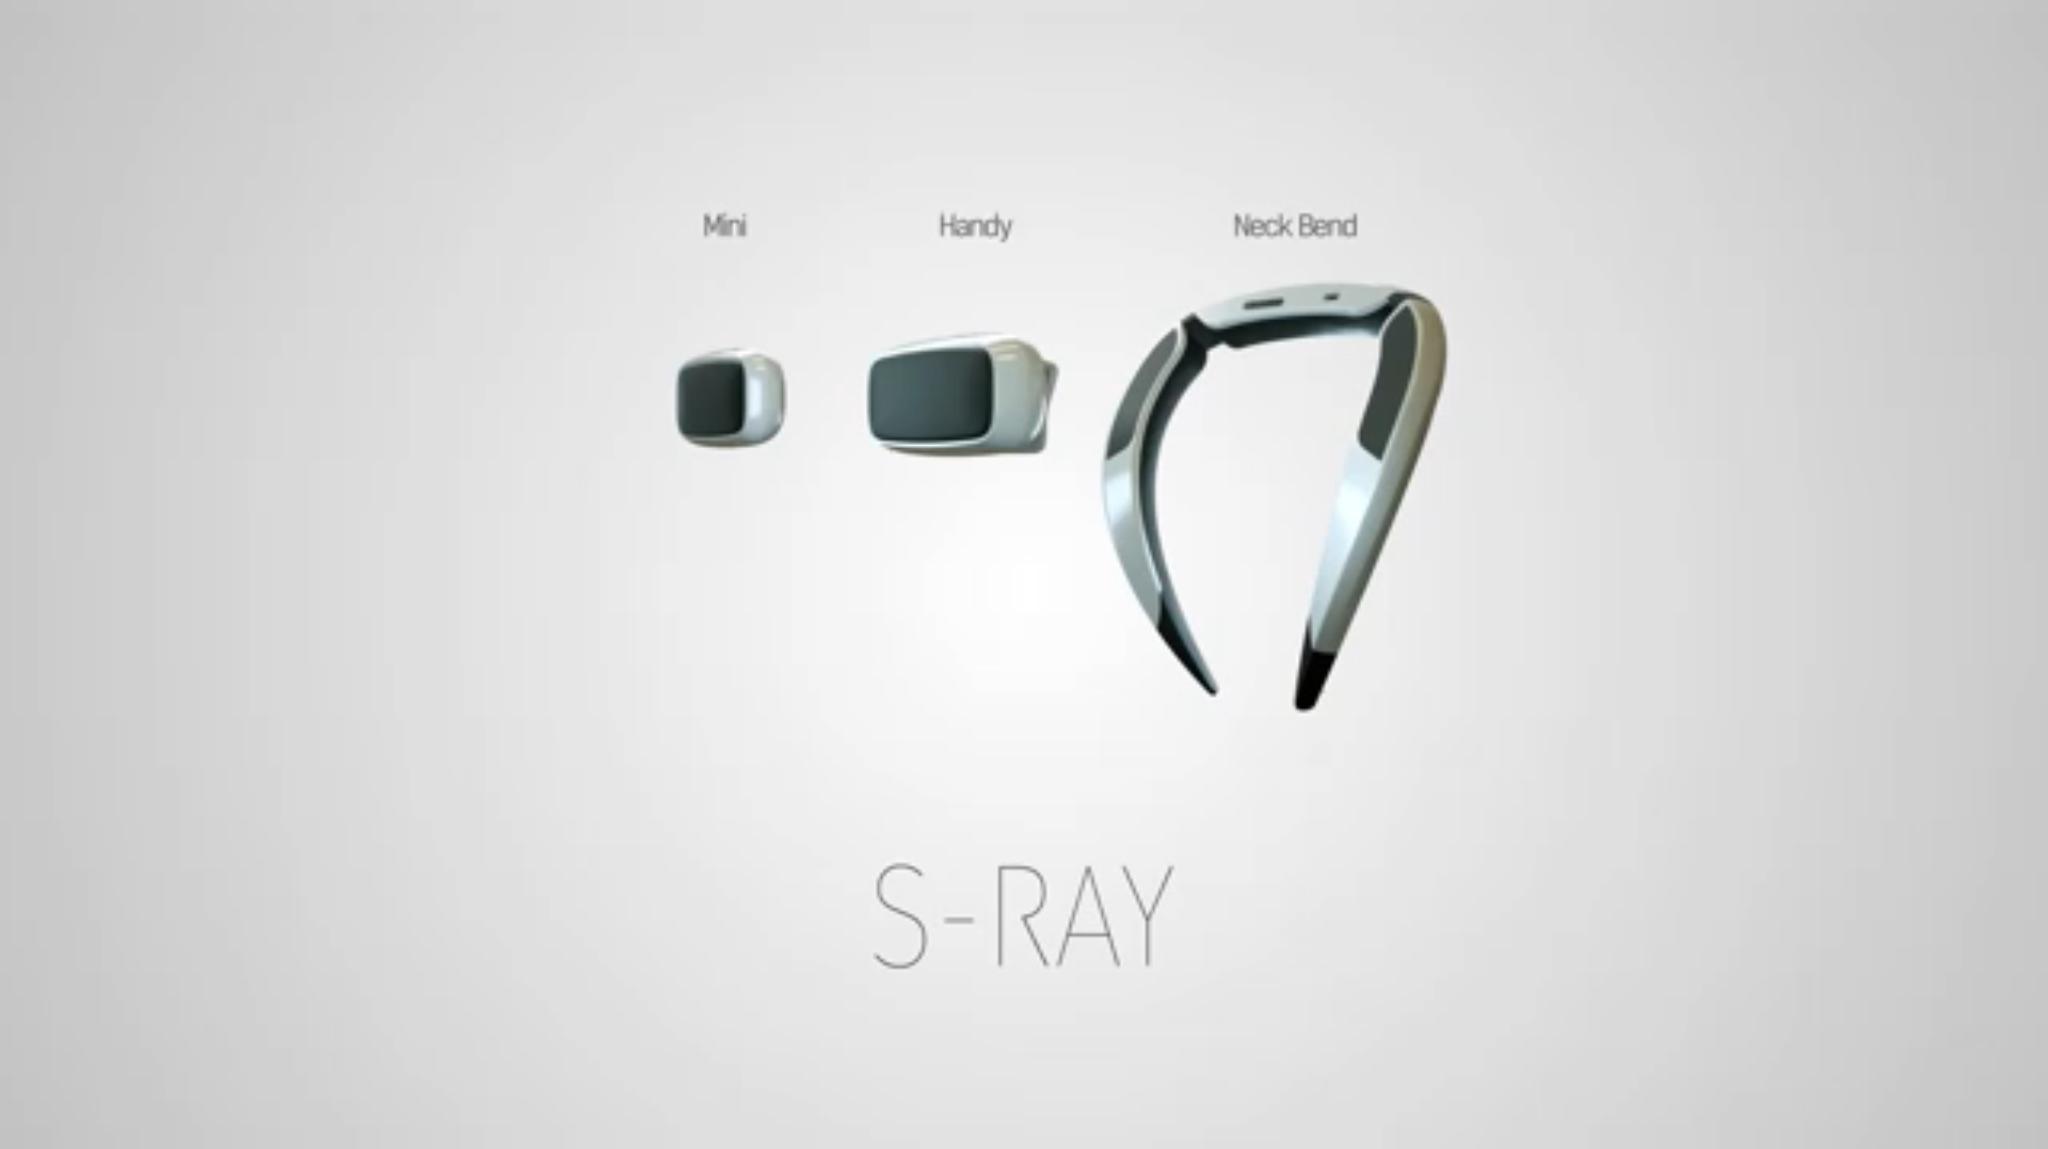 サムスンの指向性スピーカー S-Ray